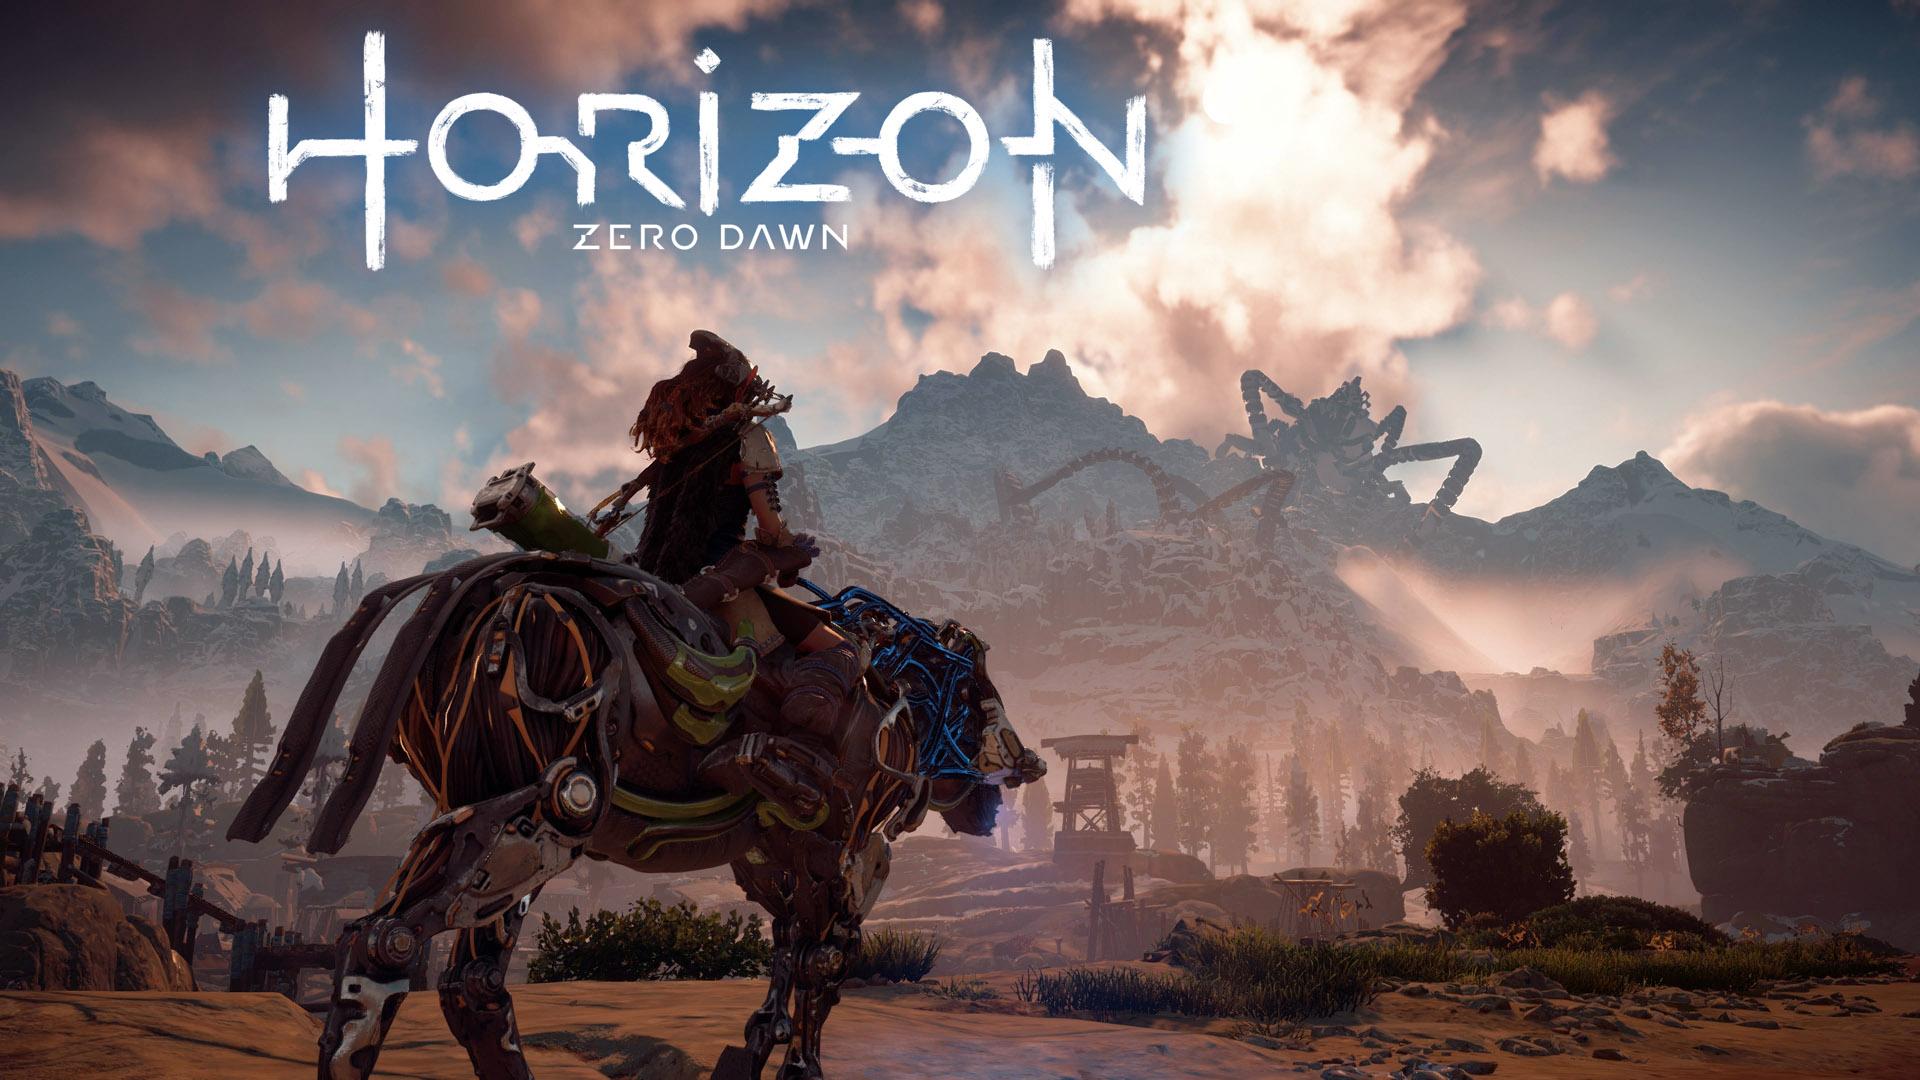 تاریخ انتشار Horizon Zero Dawn برای رایانههای شخصی درکنار سیستم مورد نیاز با انتشار تریلری مشخص شد